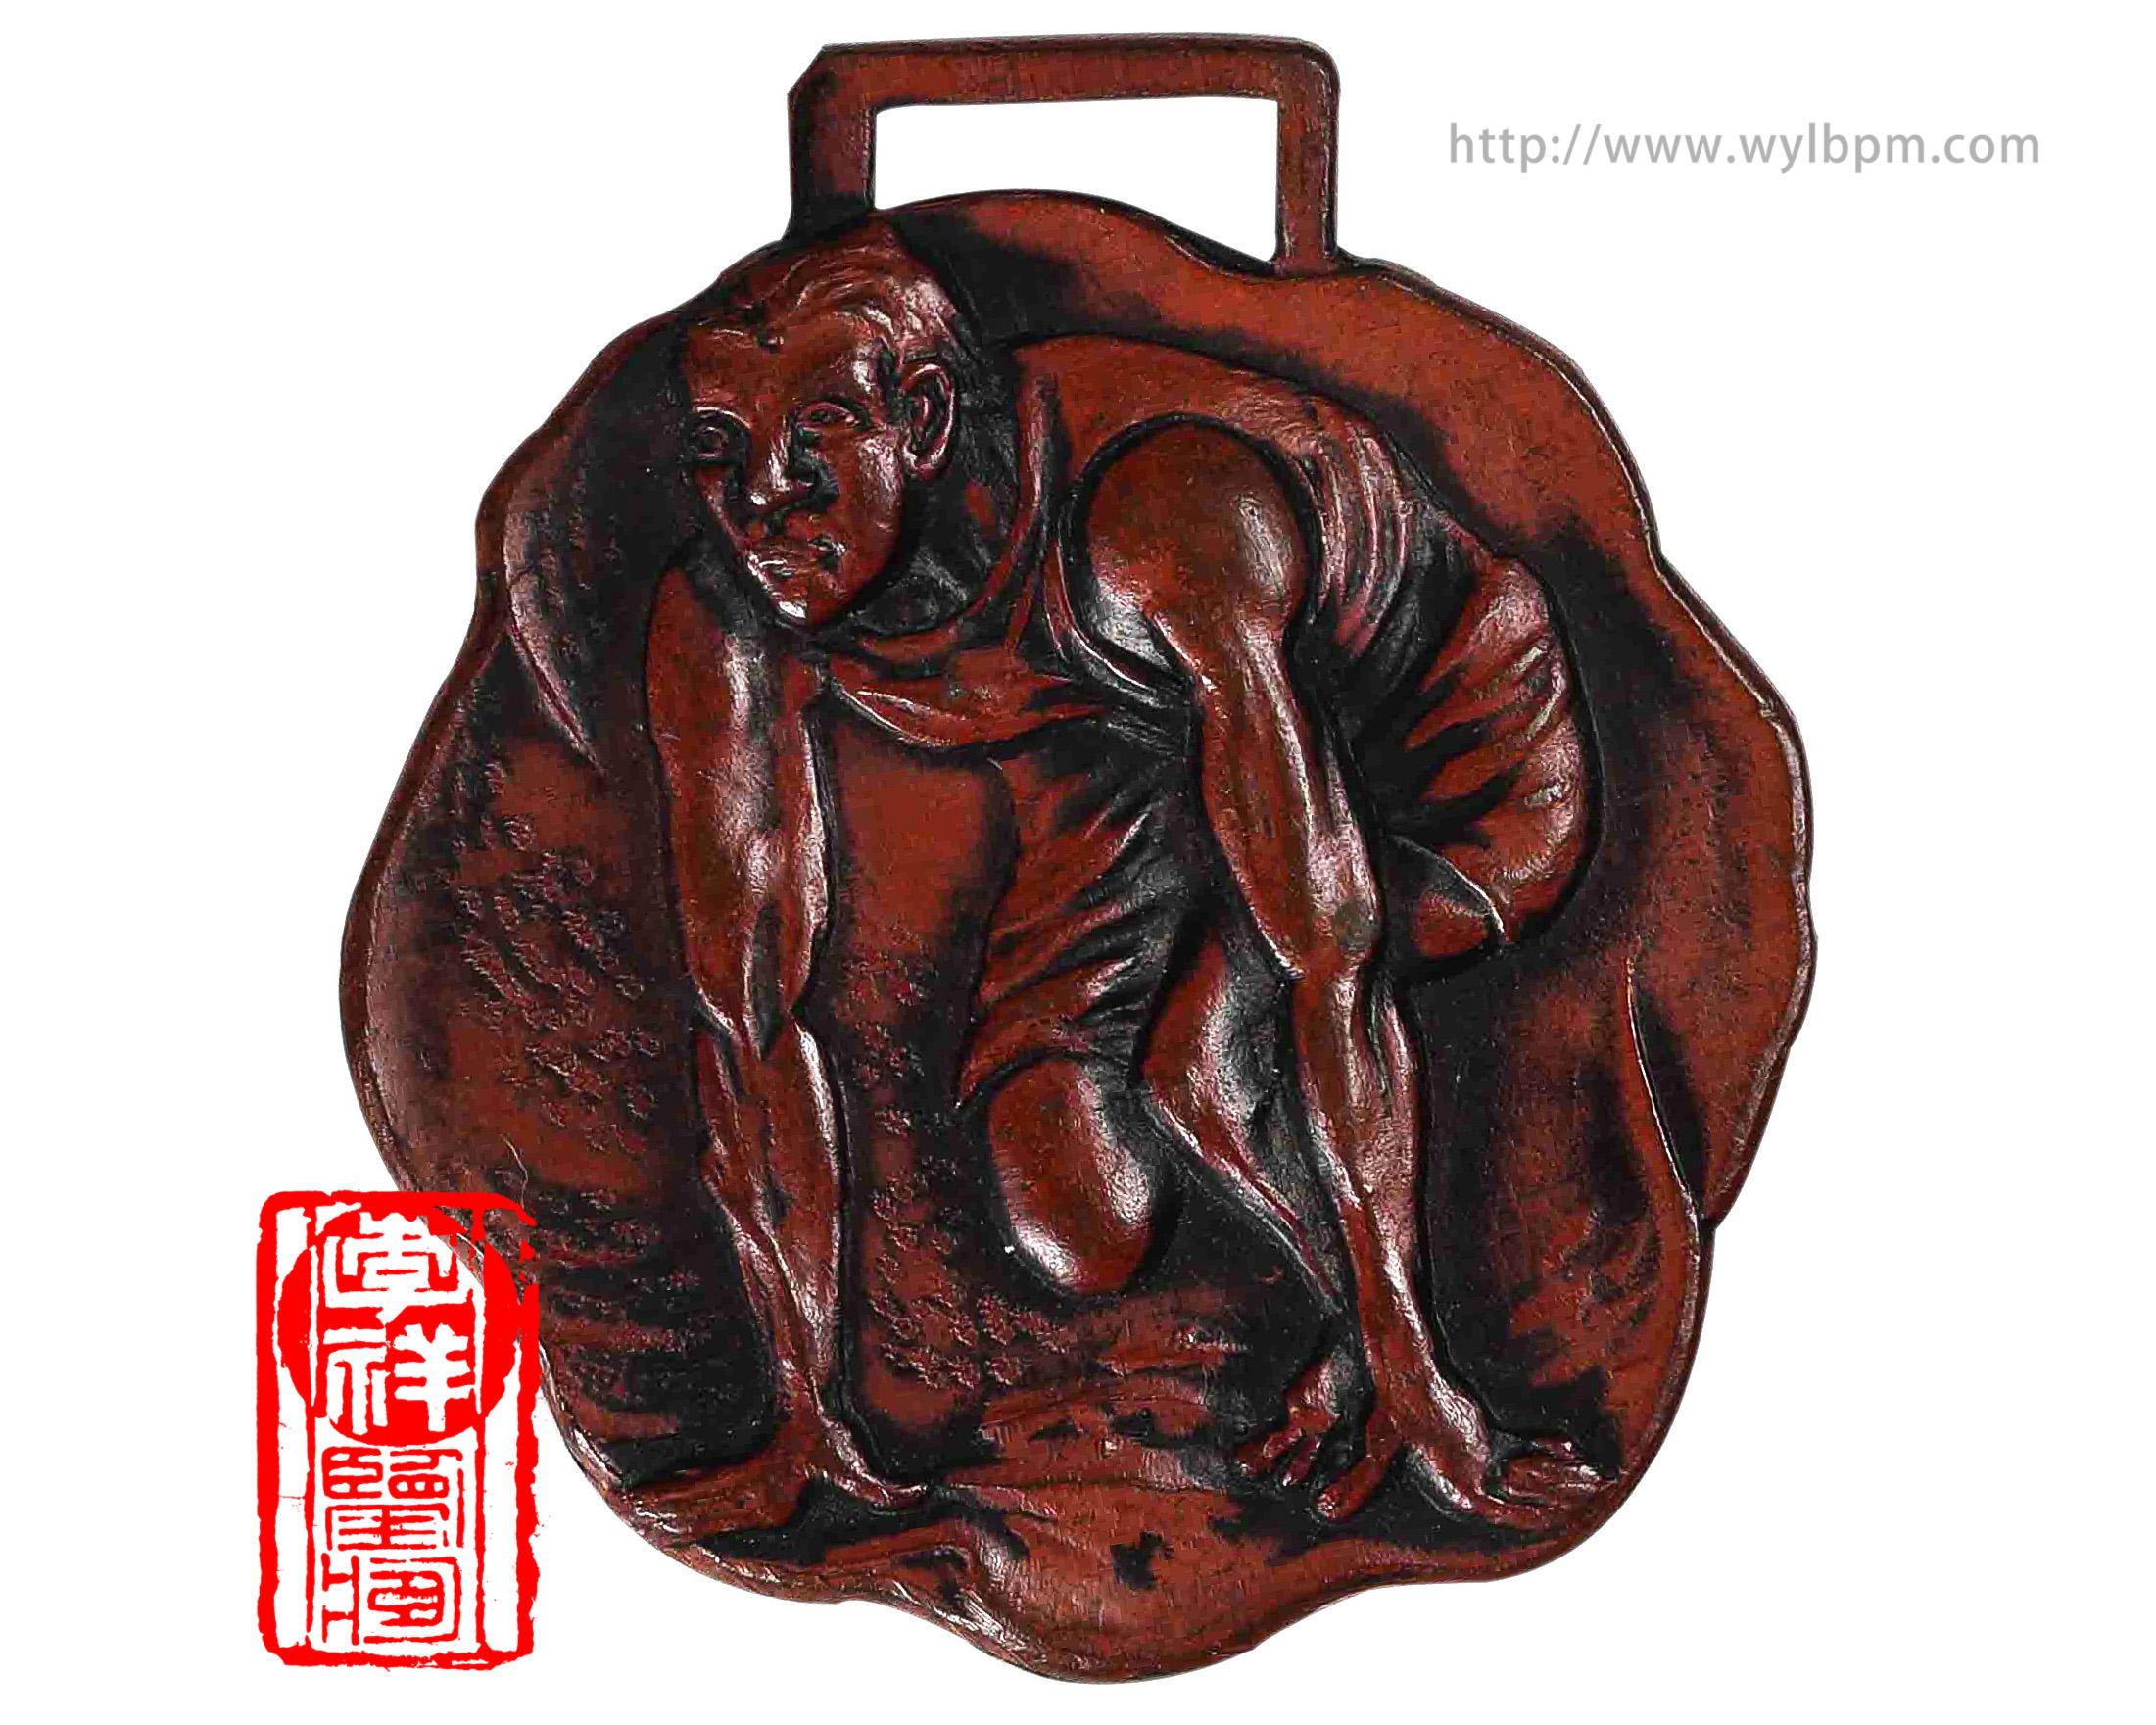 收藏李祥,体育收藏,奥运收藏,冰雪收藏,体育博物馆,民国体育,古代体育,体育老照片,体育资料,运动会奖牌,运动会奖杯